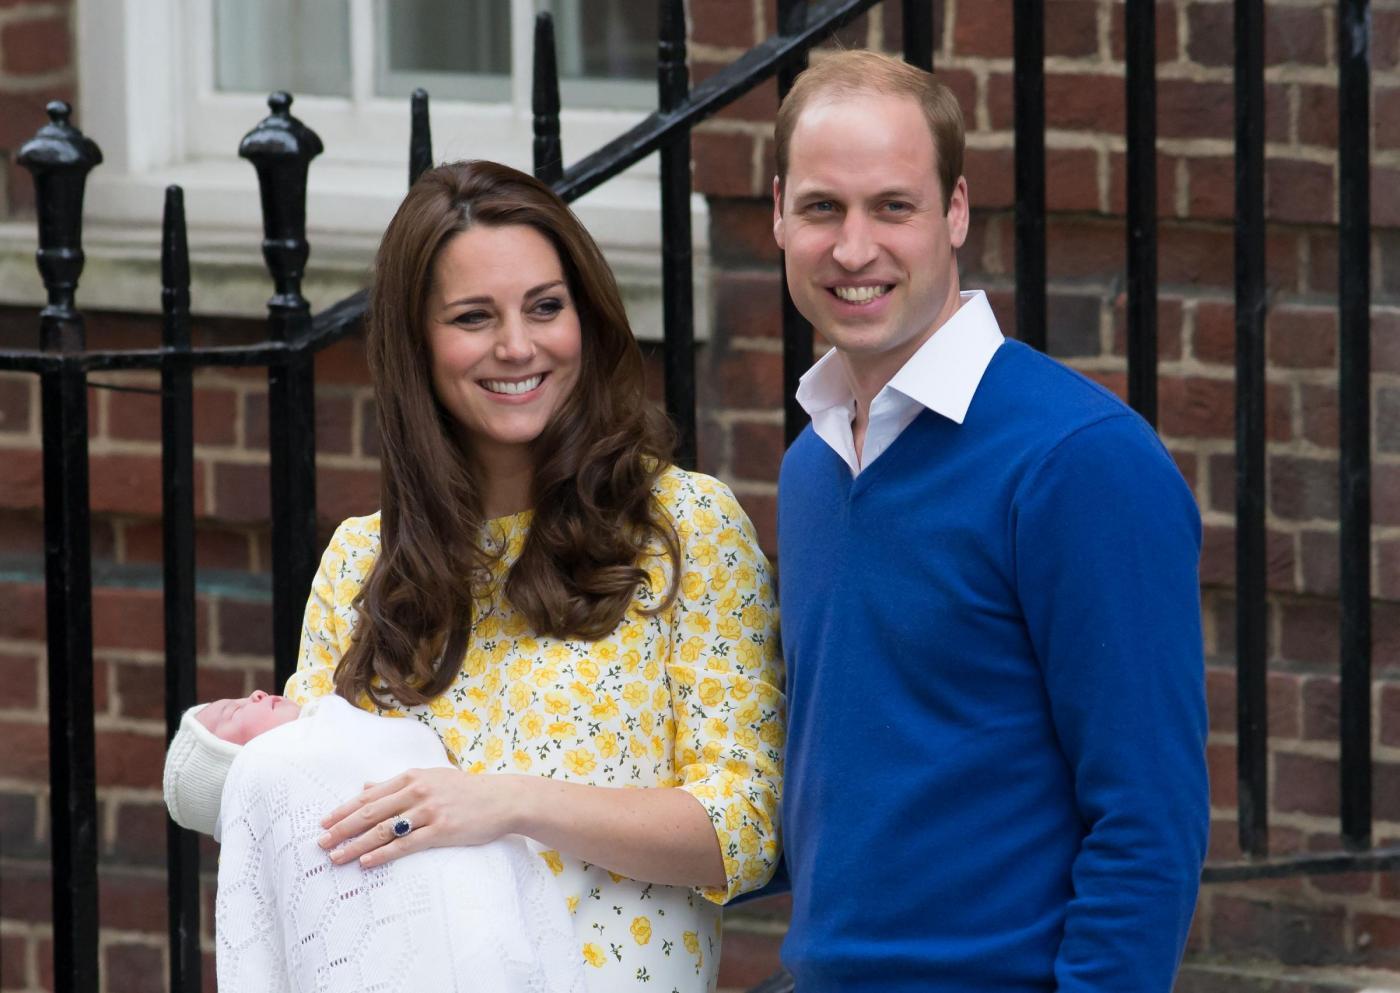 Royal Baby in braccio a Kate che esce dall'ospedale 06